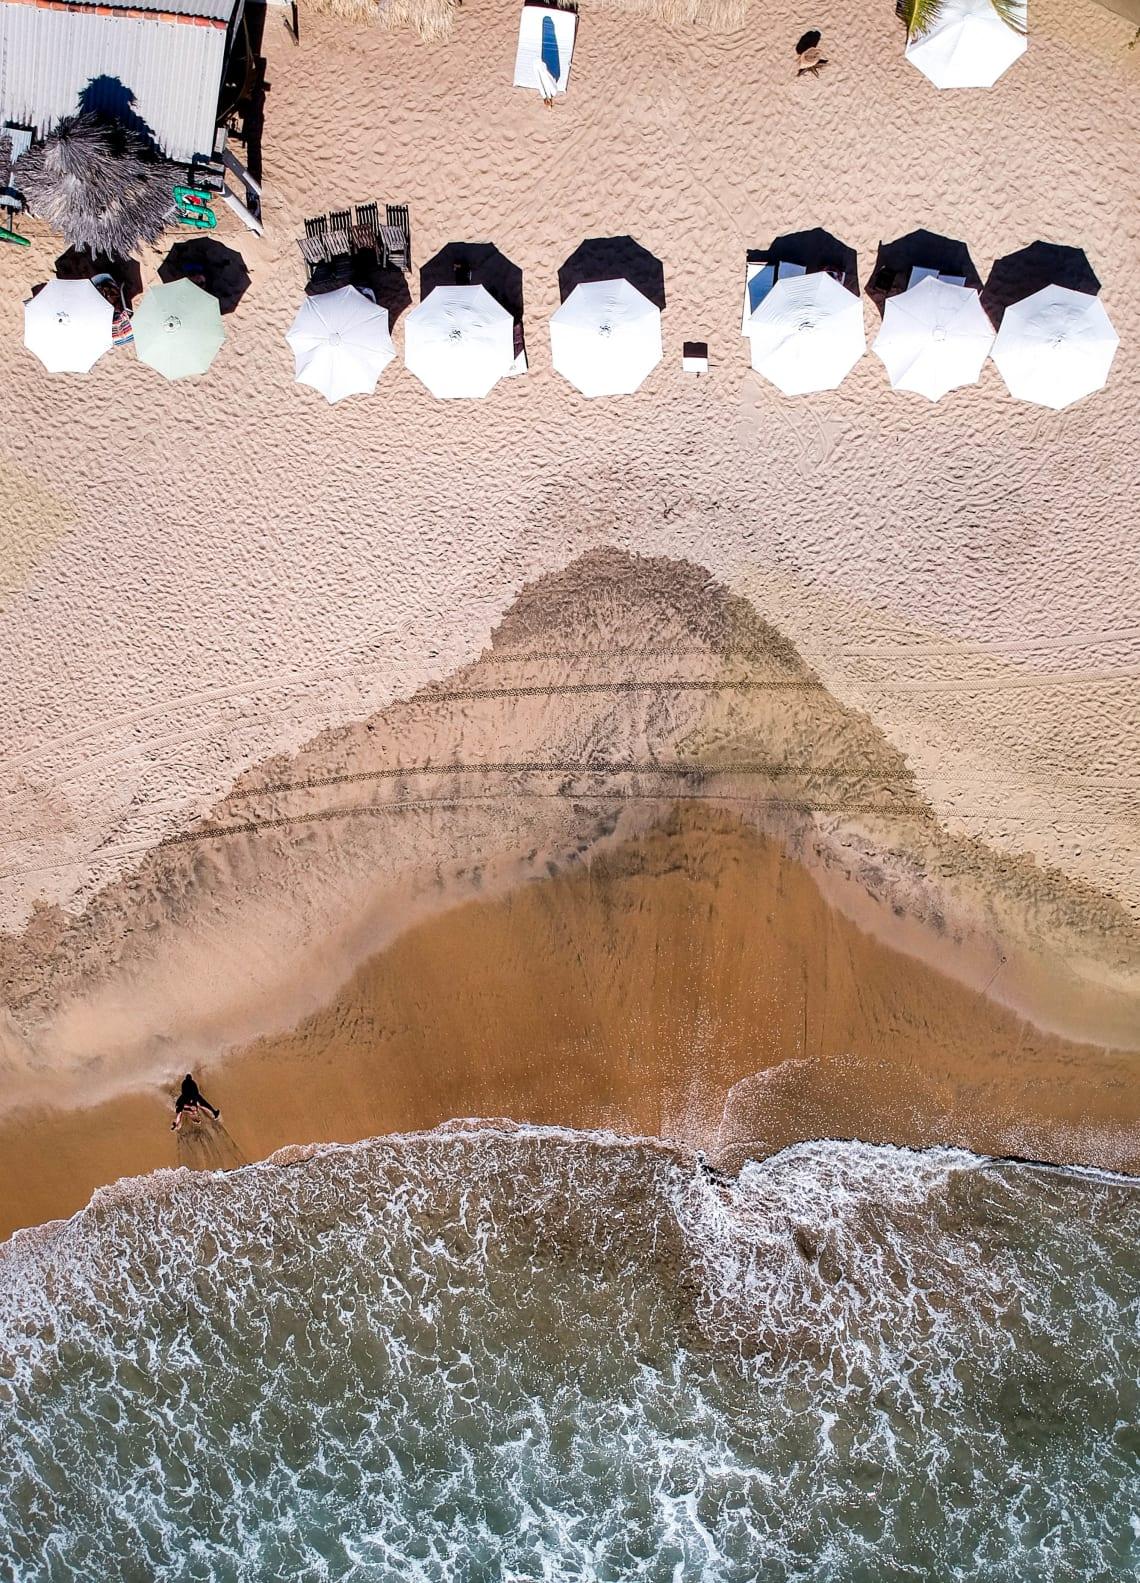 Lugares baratos para visitar Puerto Escondido, México - Worldpackers - playa en mexico